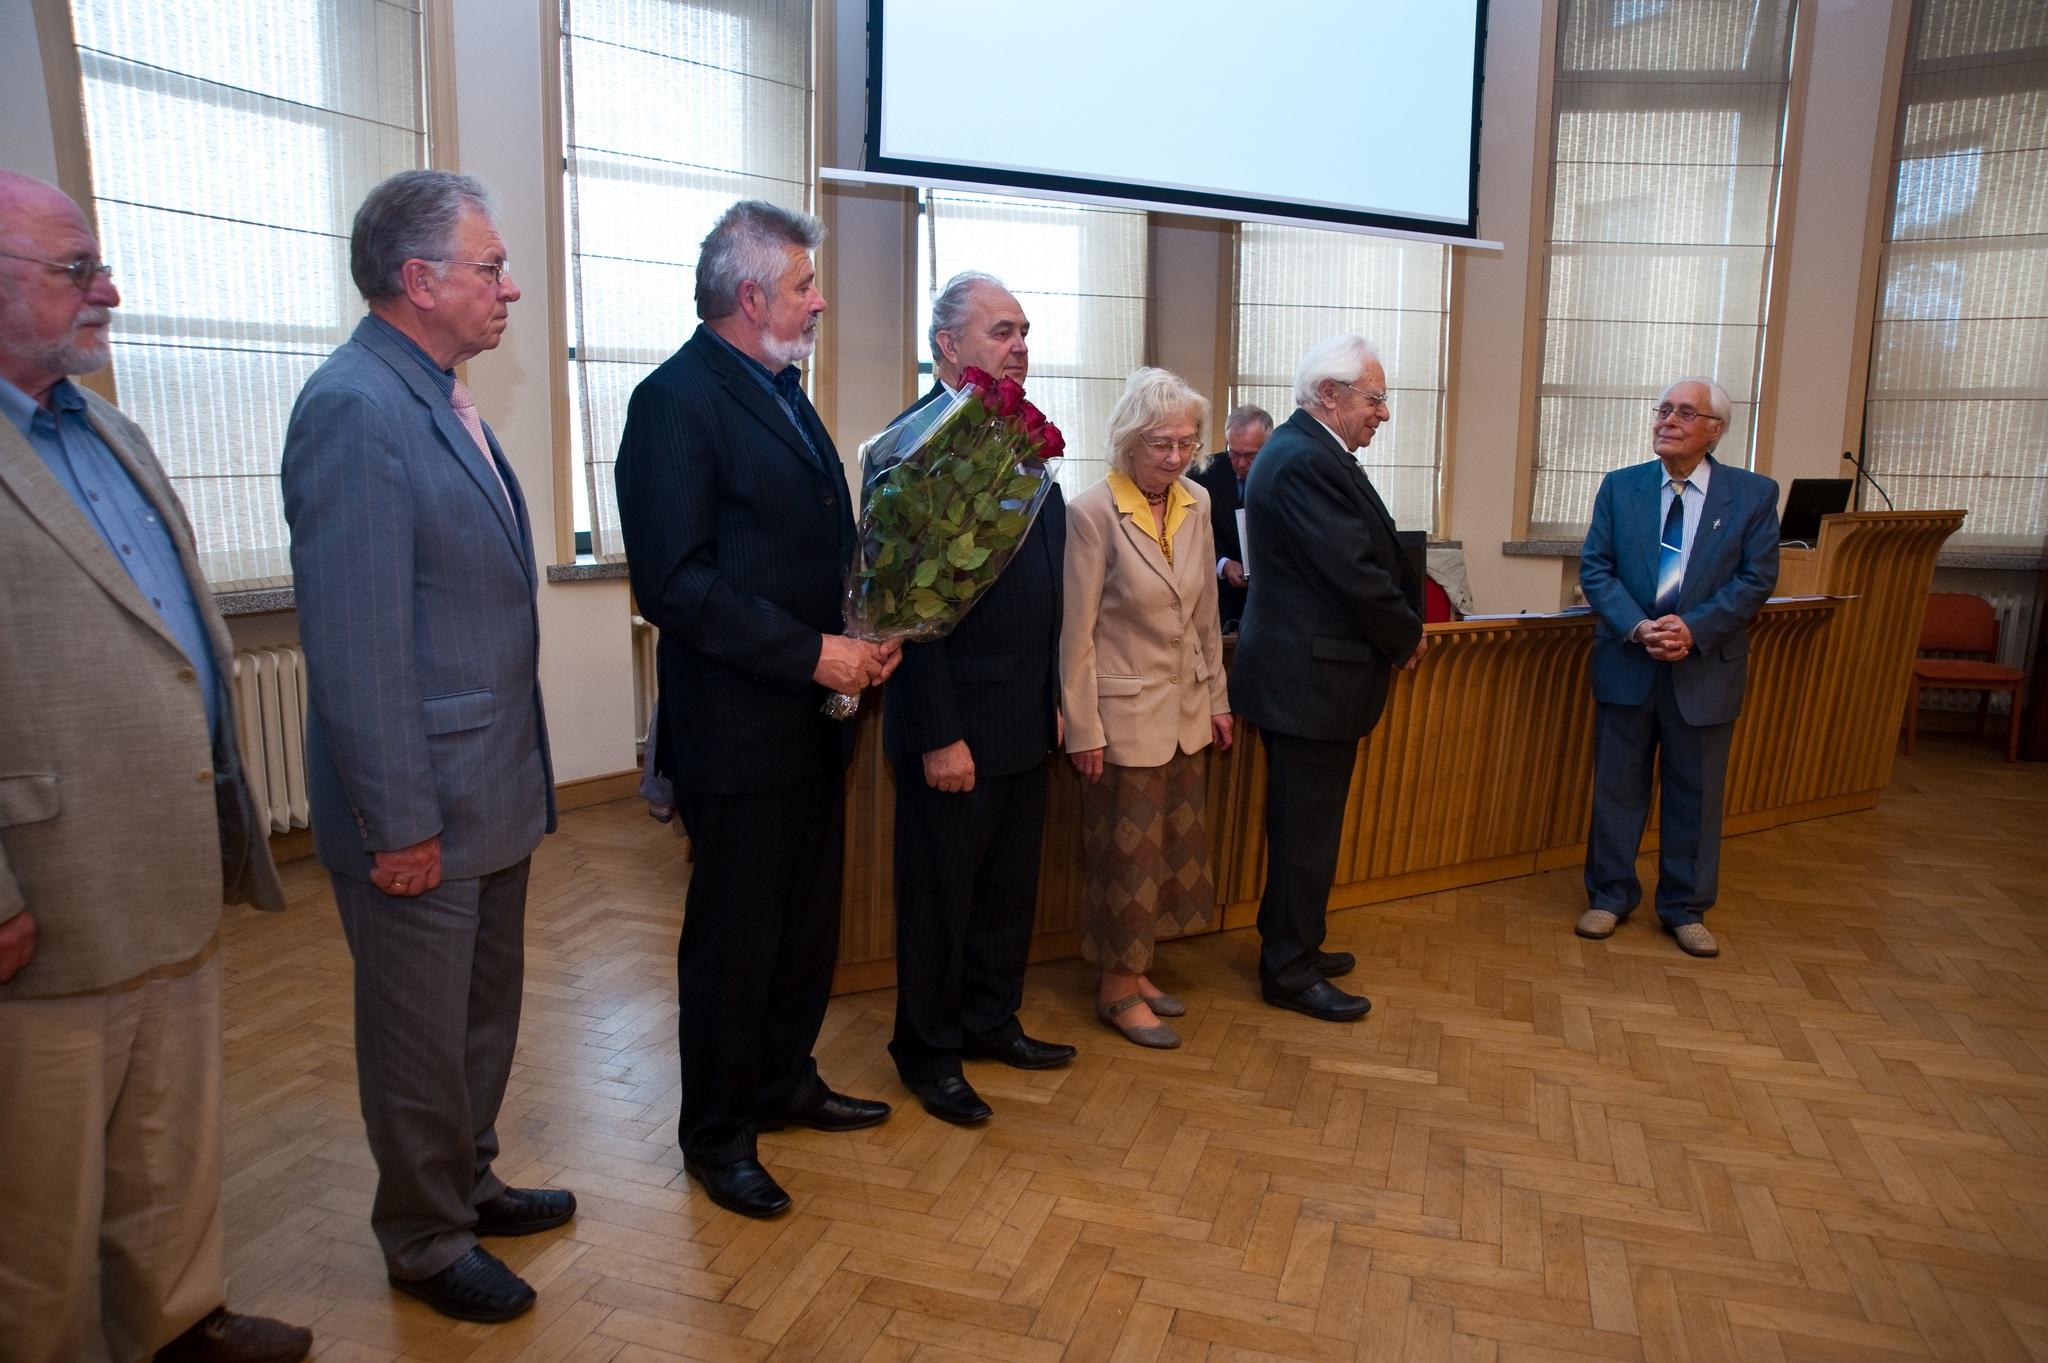 Prof. habil.dr. Povilo Balčiūno akademiniai skaitymai. Renginio 2-a dalis – sveikinimai. 2017.06.23.